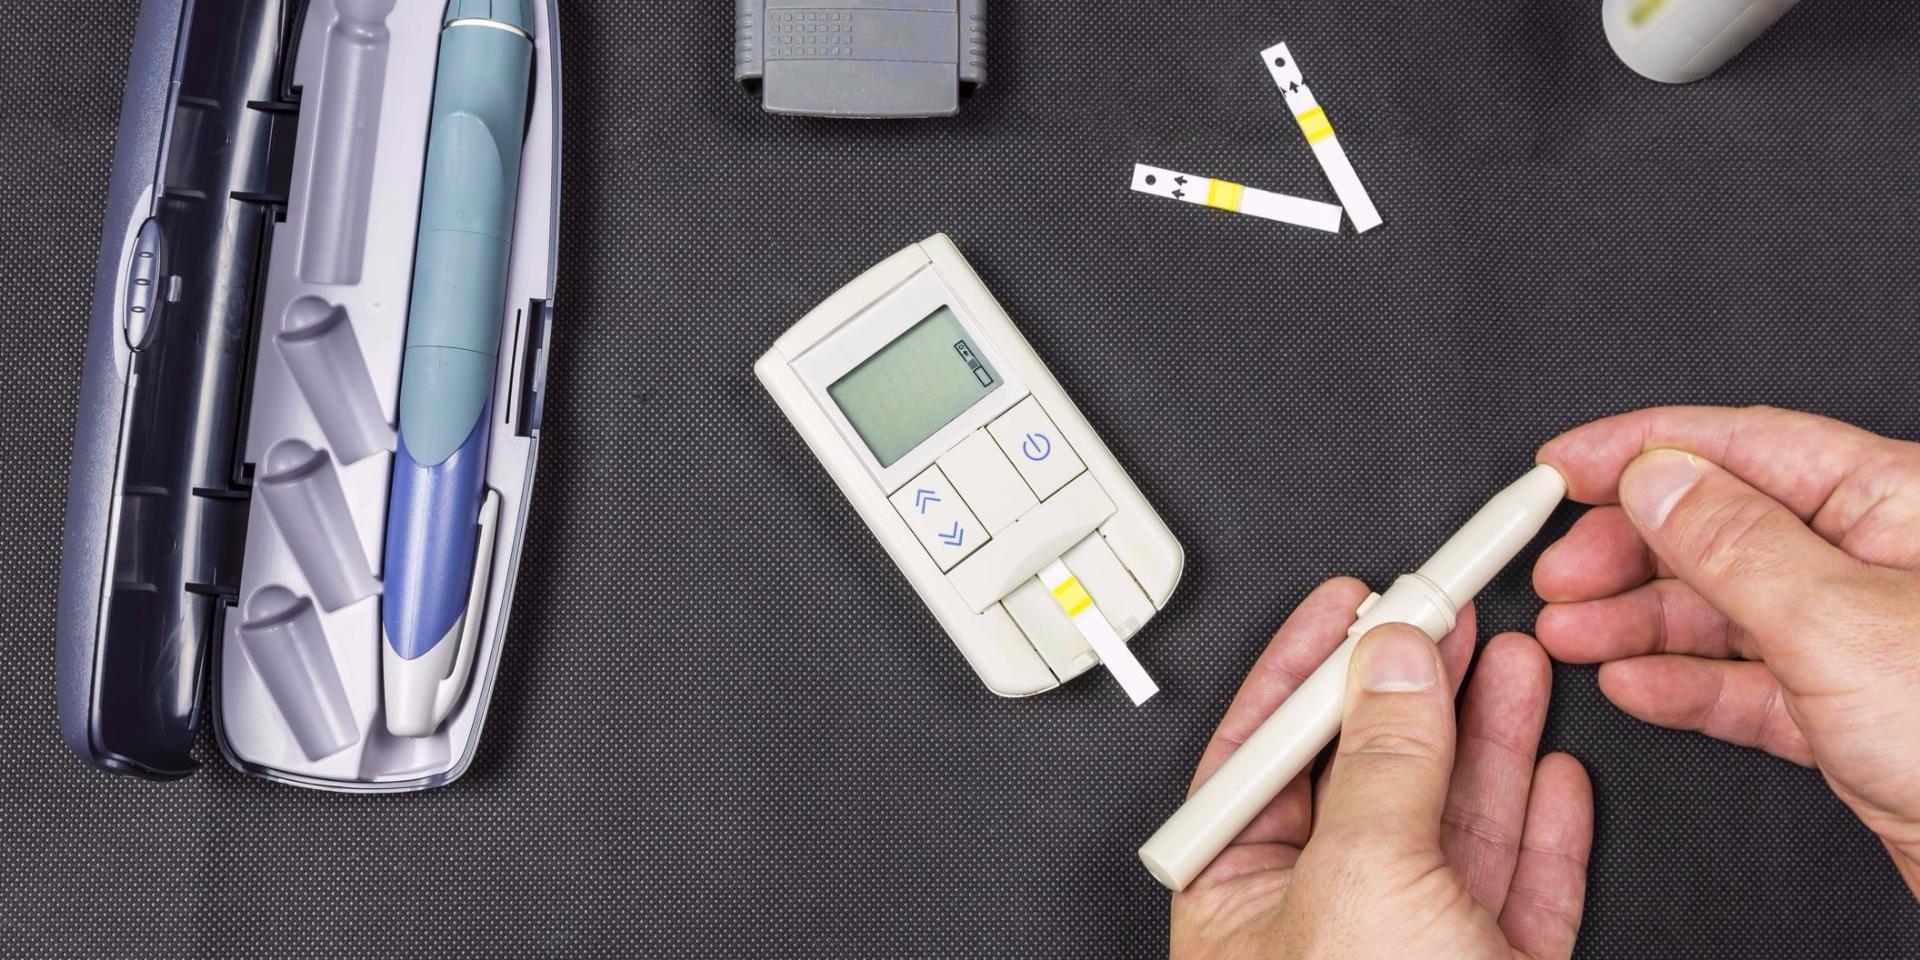 e69f63aae الأنسولين وأدوية الأنسولين - مرض السكري | كلاليت